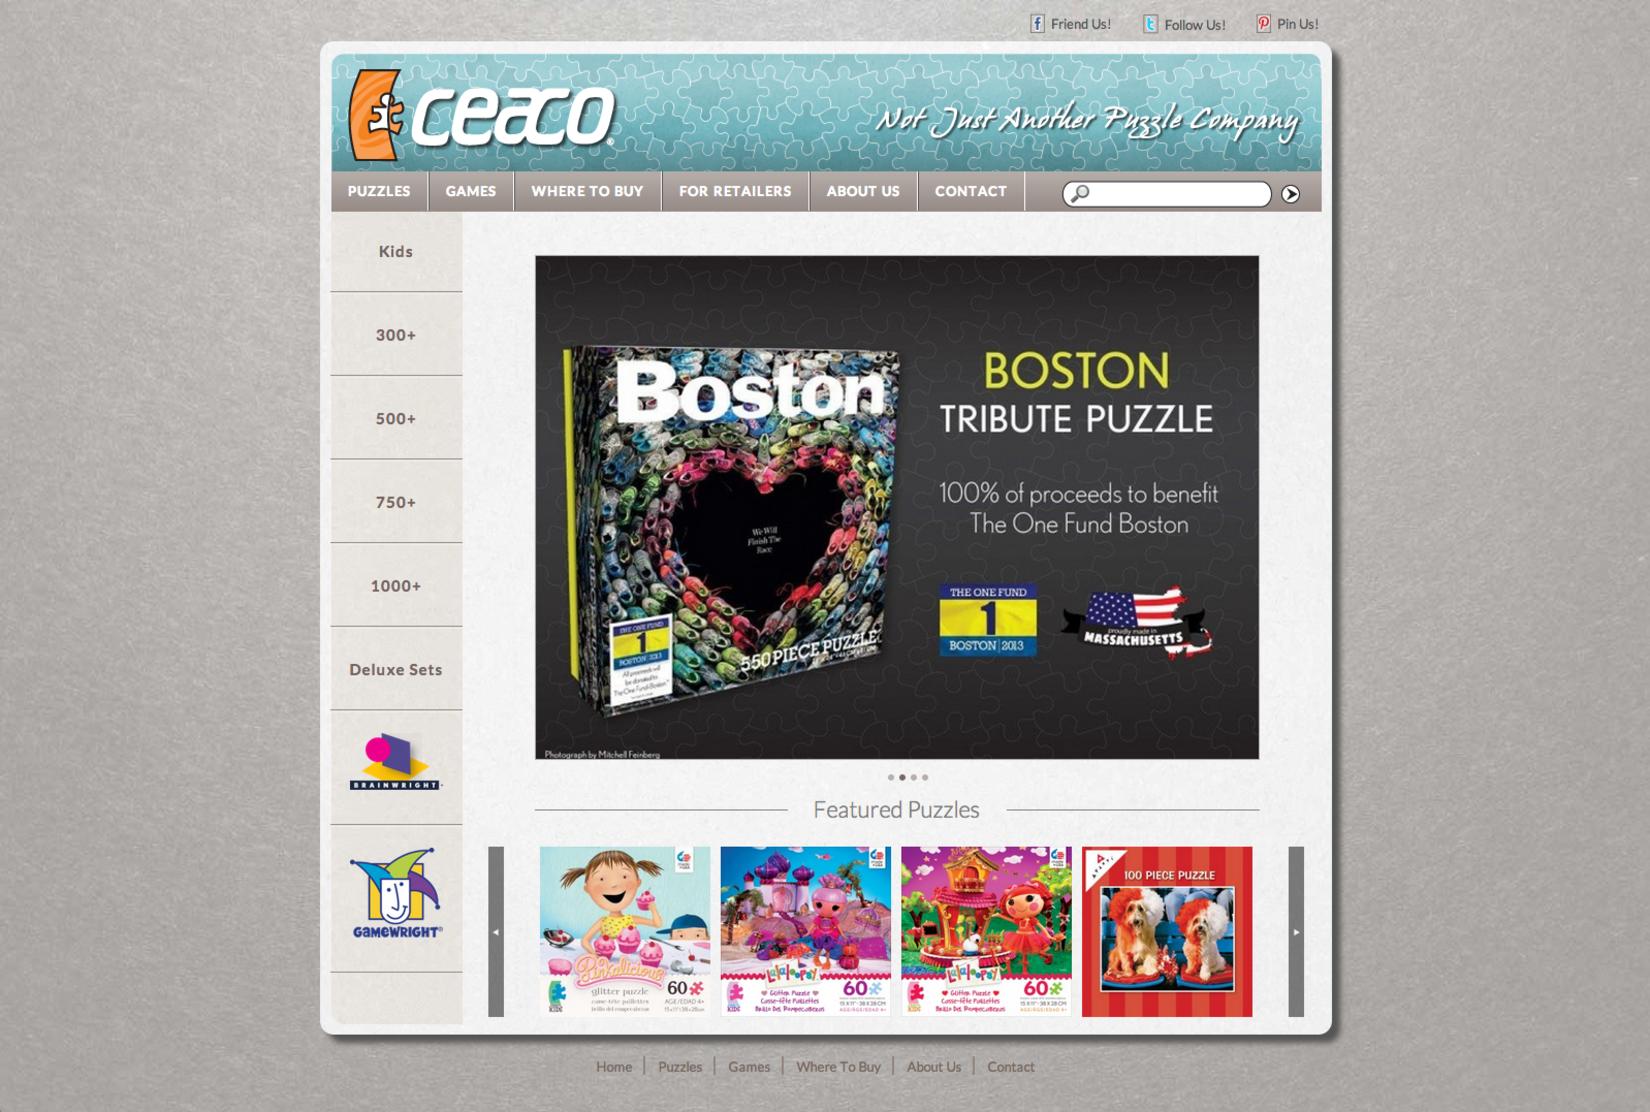 ceaco.com